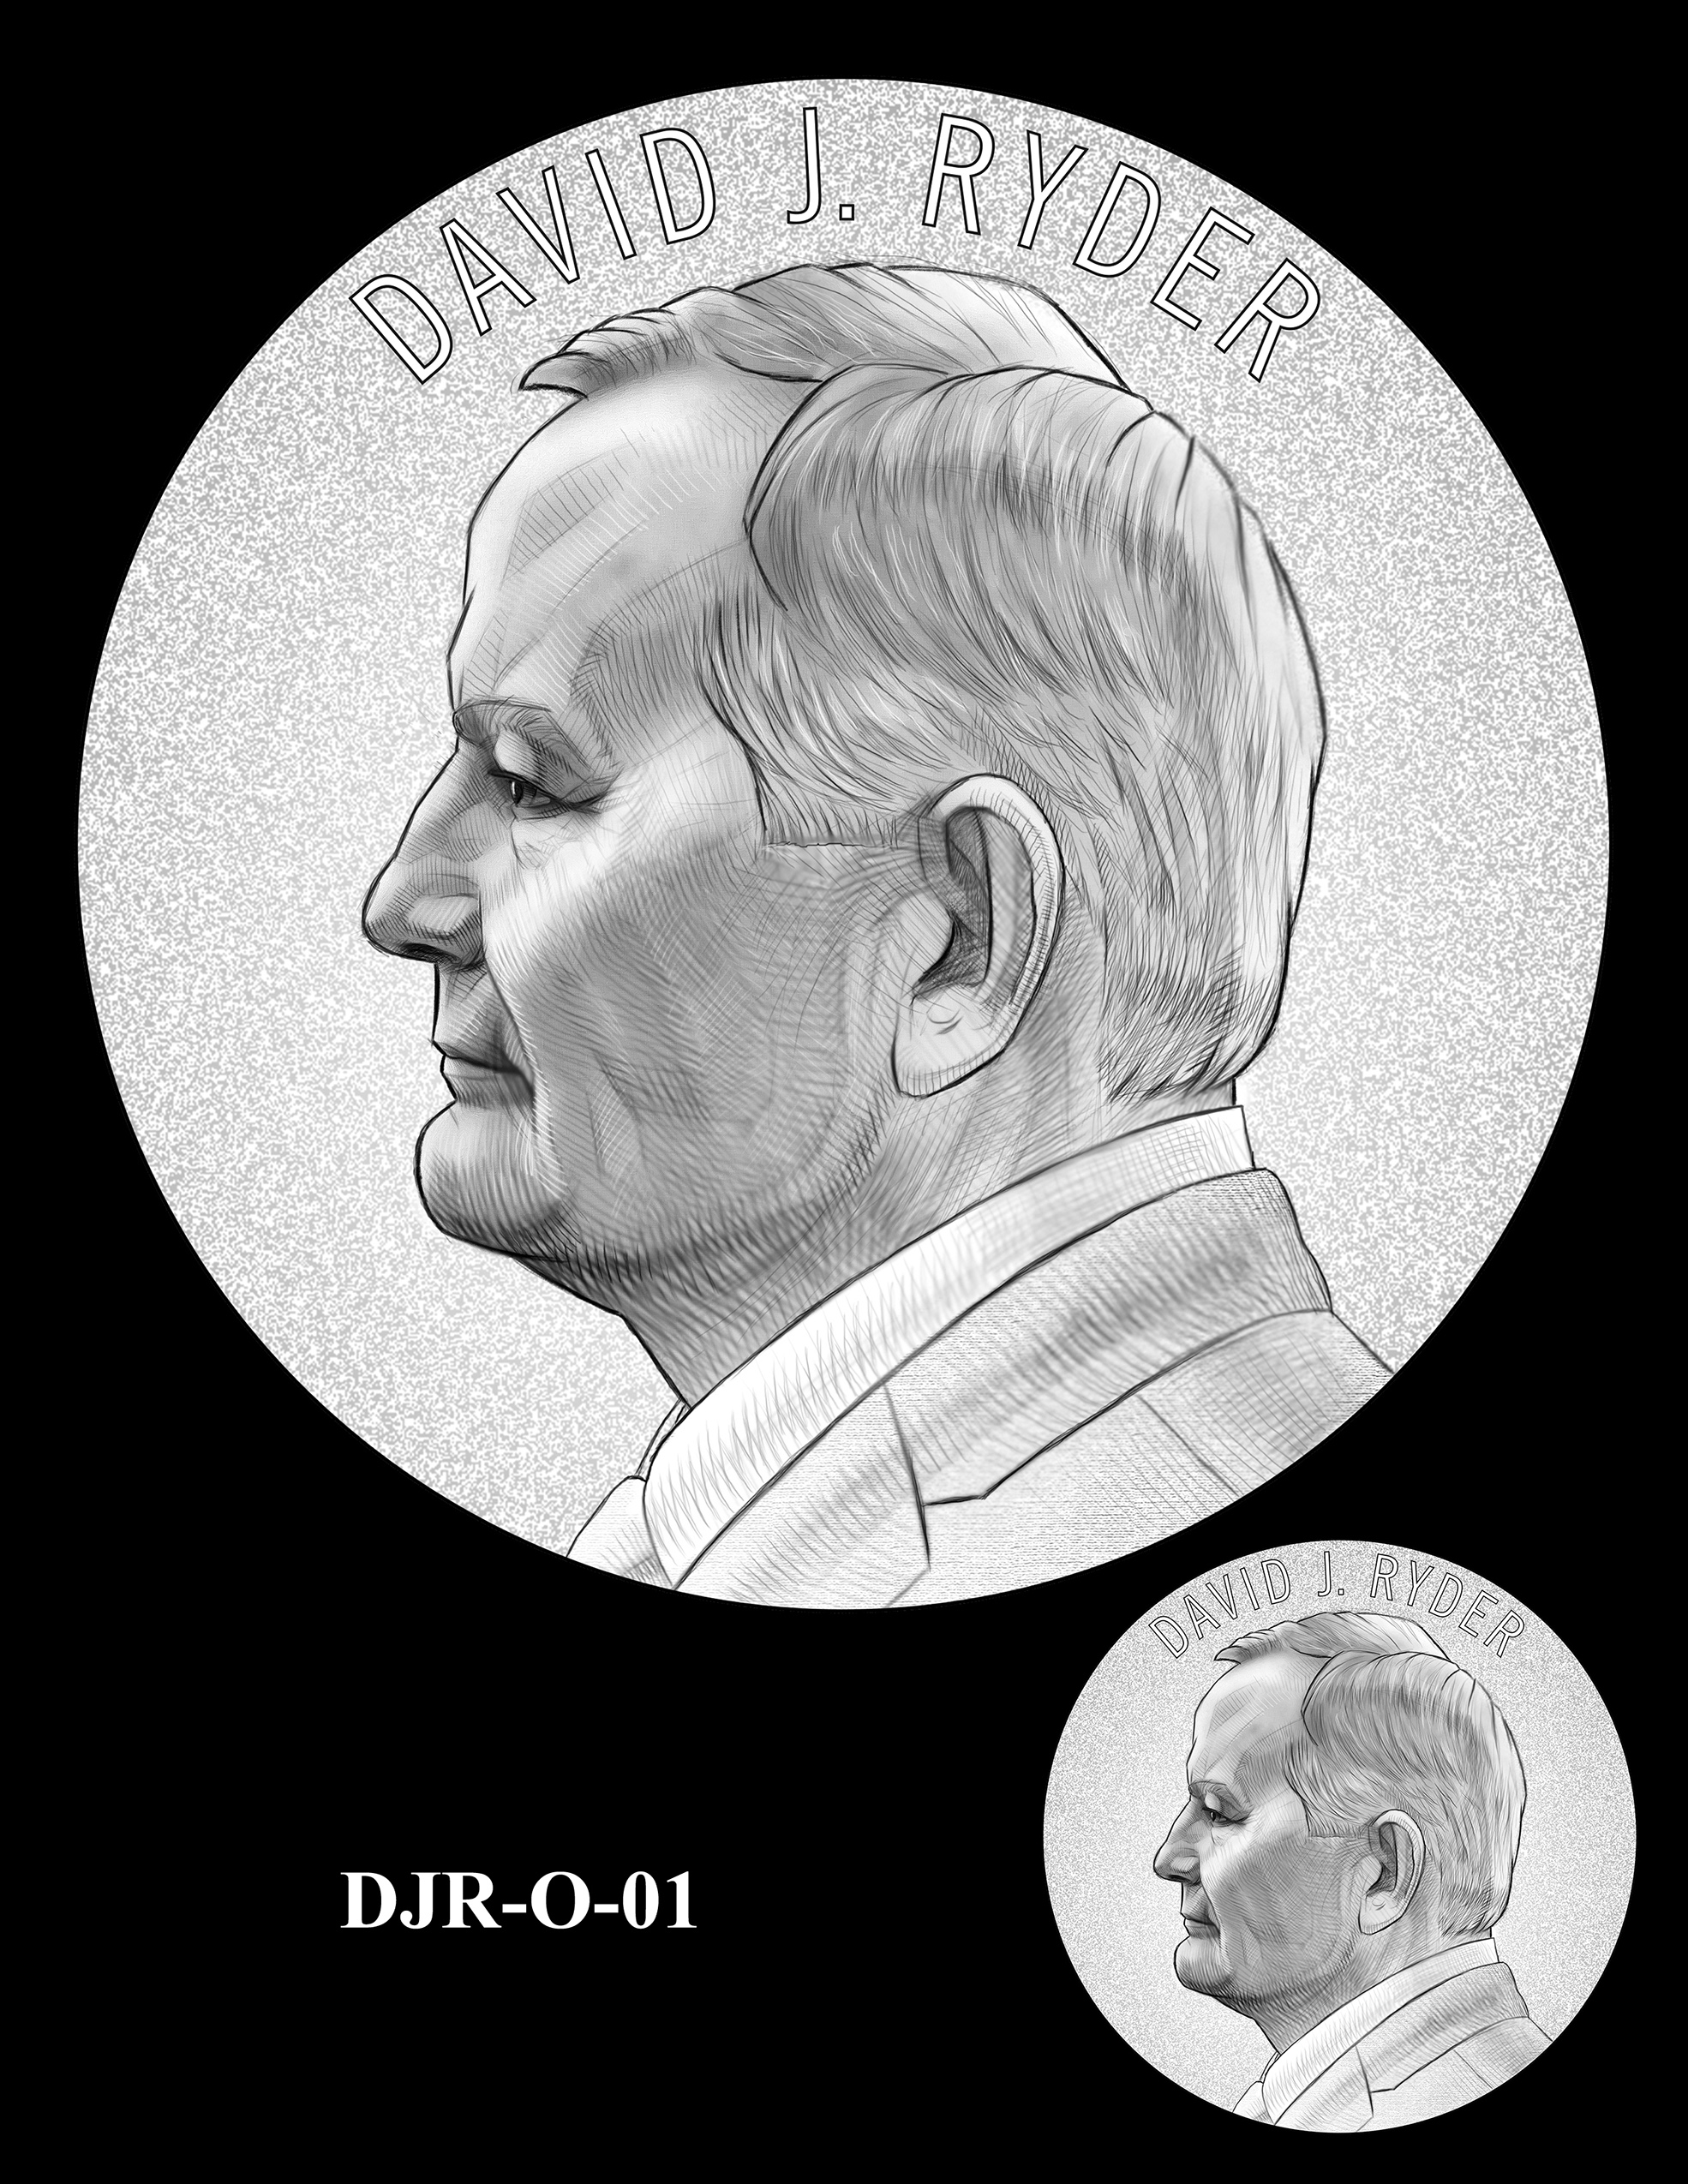 DJR-O-01 -- David J. Ryder Director of the Mint Medal